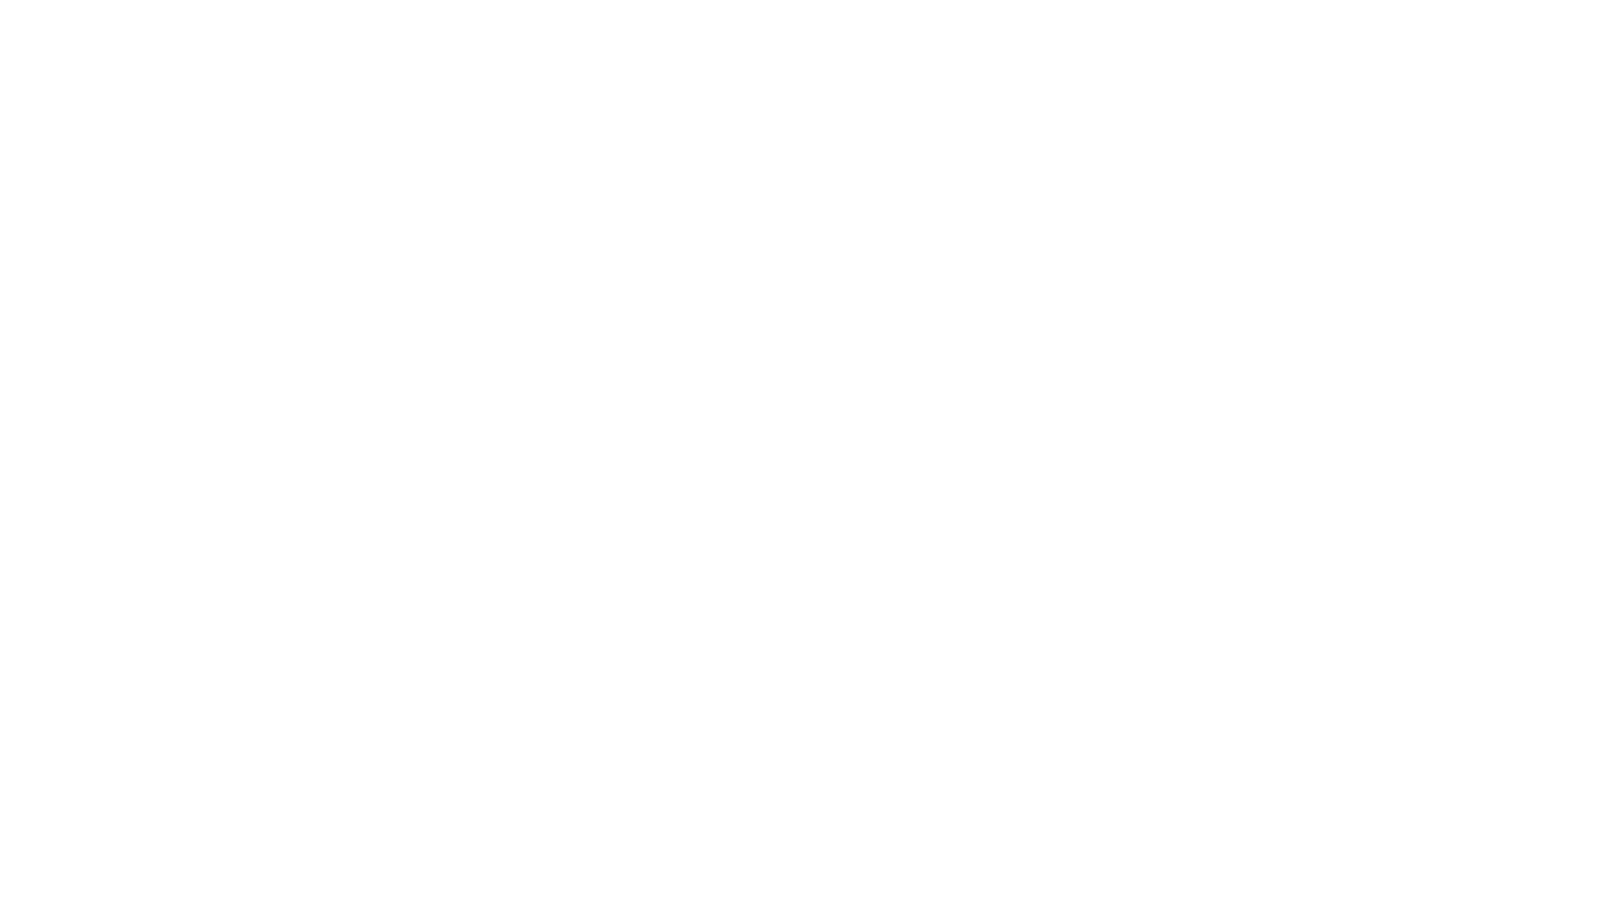 Os pedidos de recuperação, que já vinham apresentando aumento, cresceram ainda mais com a pandemia do novo coronavírus. Muitas empresas estão enfrentando dificuldade para honrar seus compromissos. . Em entrevista à RICTV, o advogado Weslen Vieira, especialista no assunto, destaca a importância da recuperação como meio para evitar, inclusive, a falência. Ele comenta ainda a respeito de decisões dos tribunais em relação aos processos de recuperação que já estavam acontecendo. . Assista entrevista completa acessando: